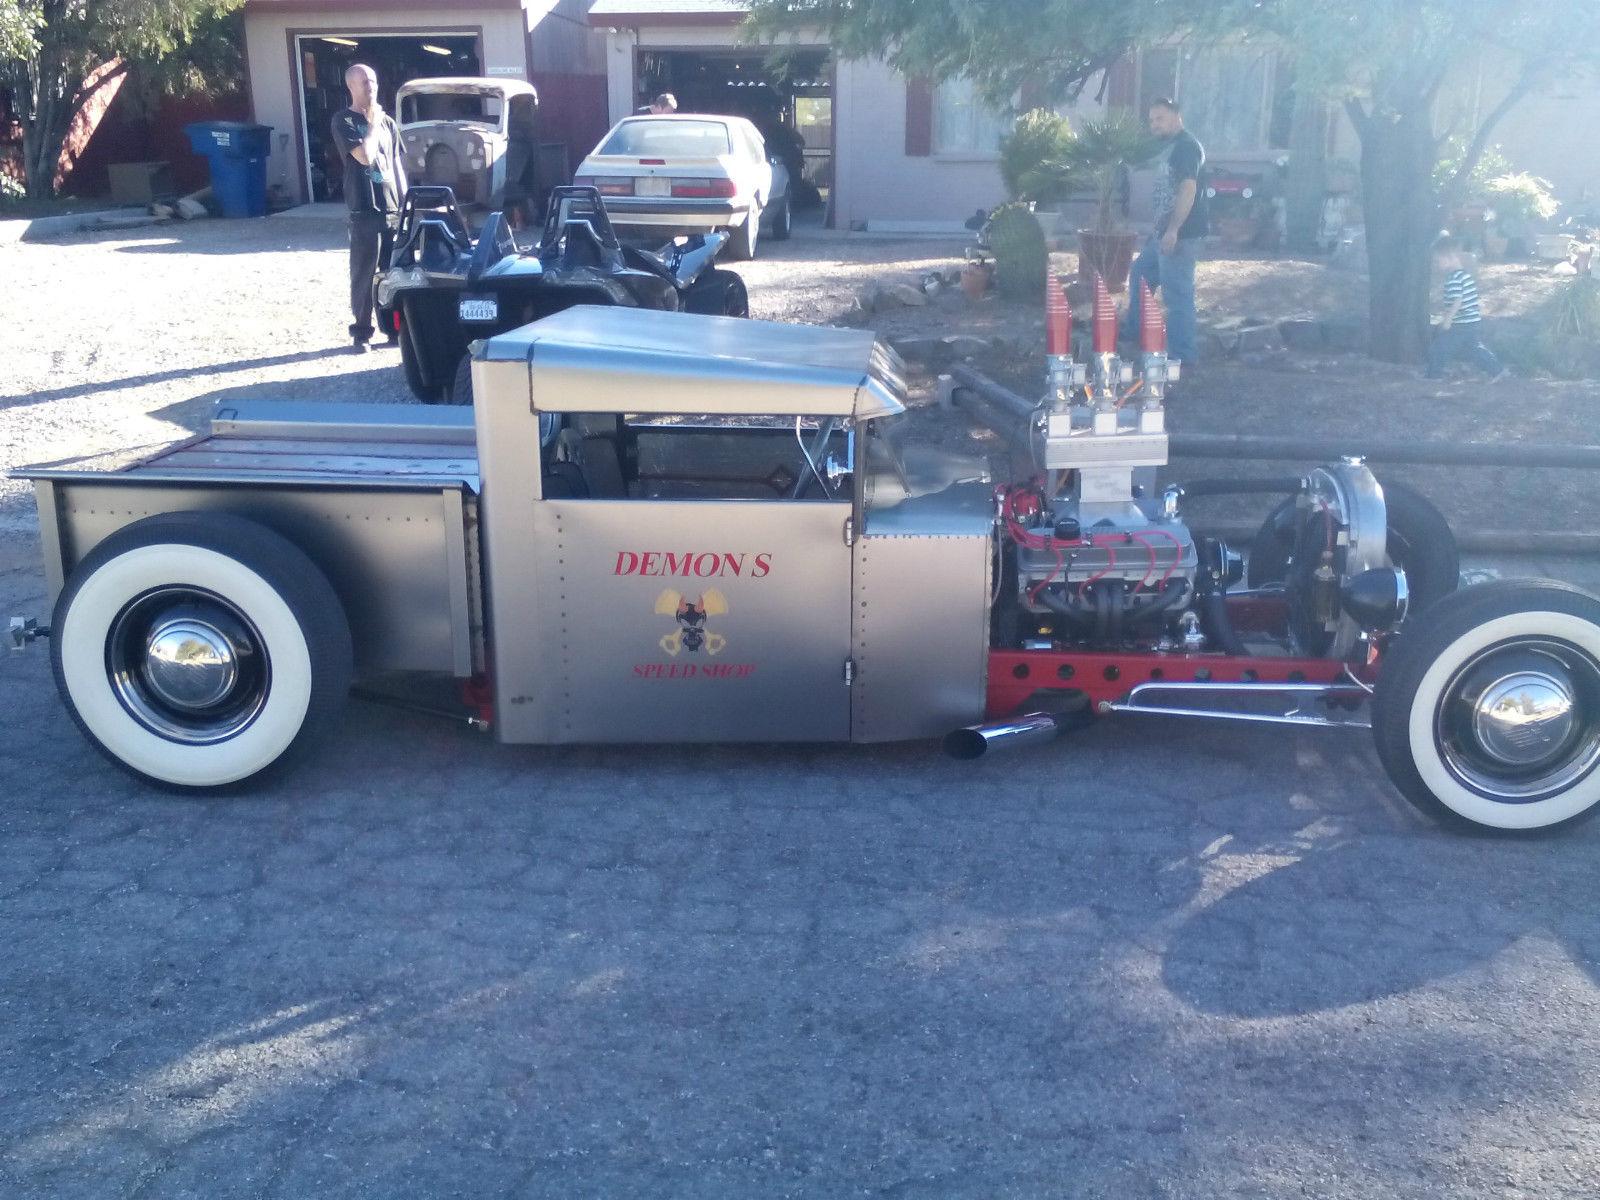 1932 ford hot rod pickup rat rod shop truck gasser custom show car. Black Bedroom Furniture Sets. Home Design Ideas